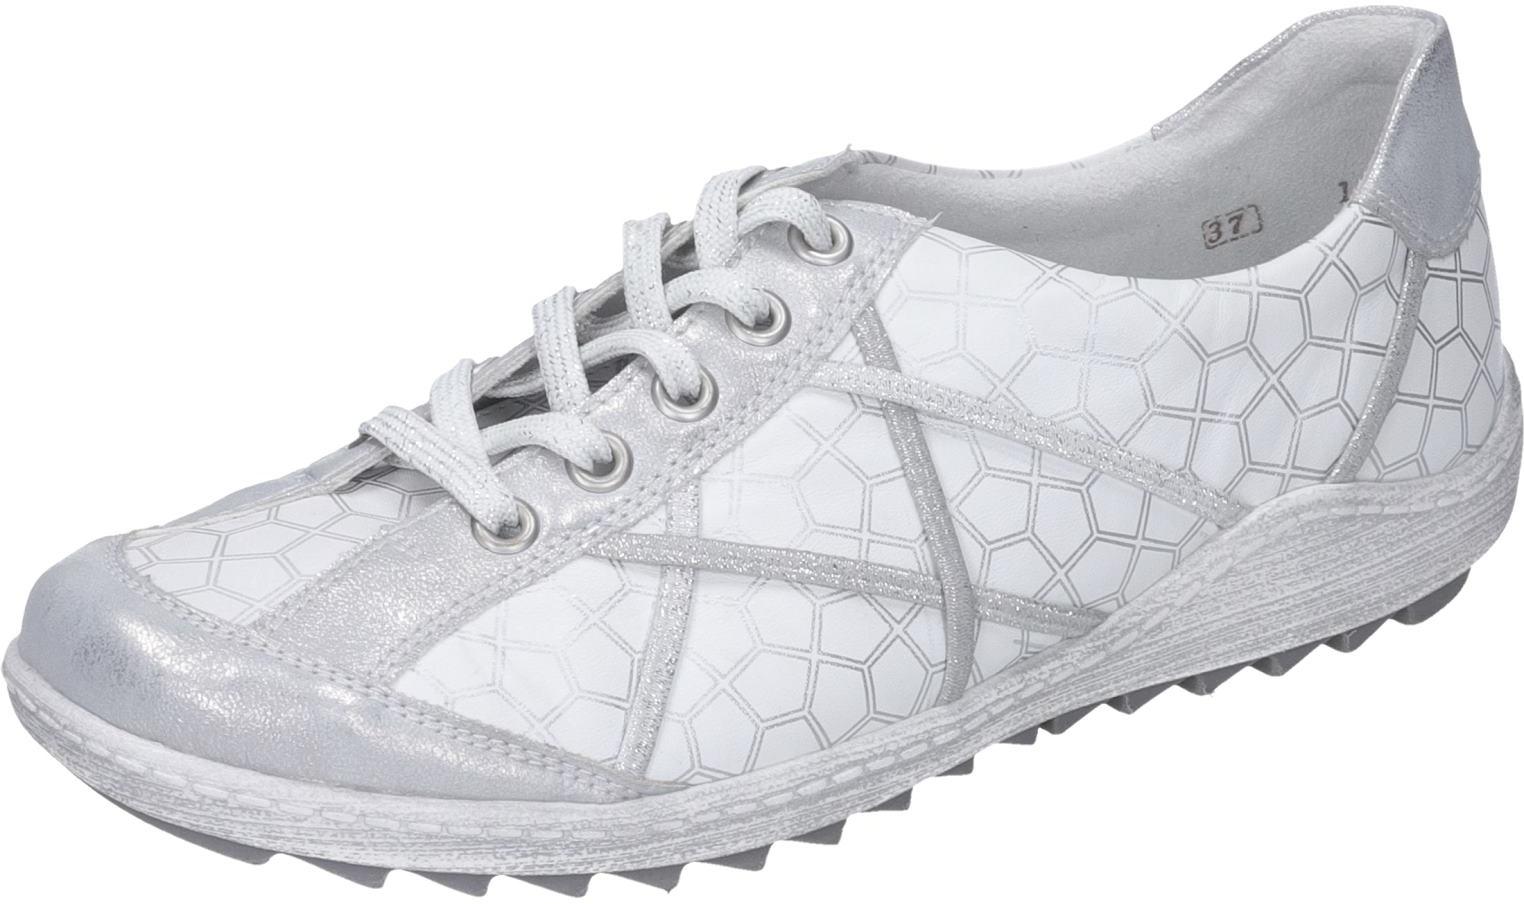 ganz billig Damen Remonte Schuhe Schnürer G weiß Leder NEU